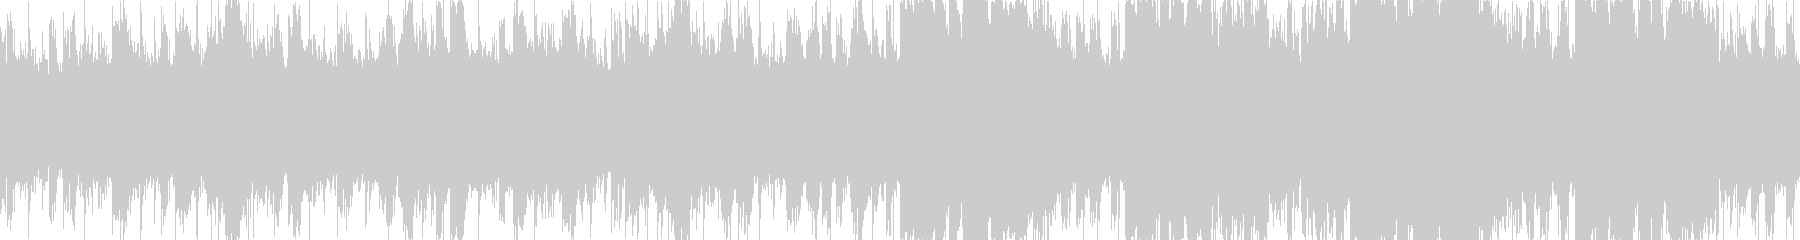 幻想チュートリアル/リズム(LOOP)の未再生の波形